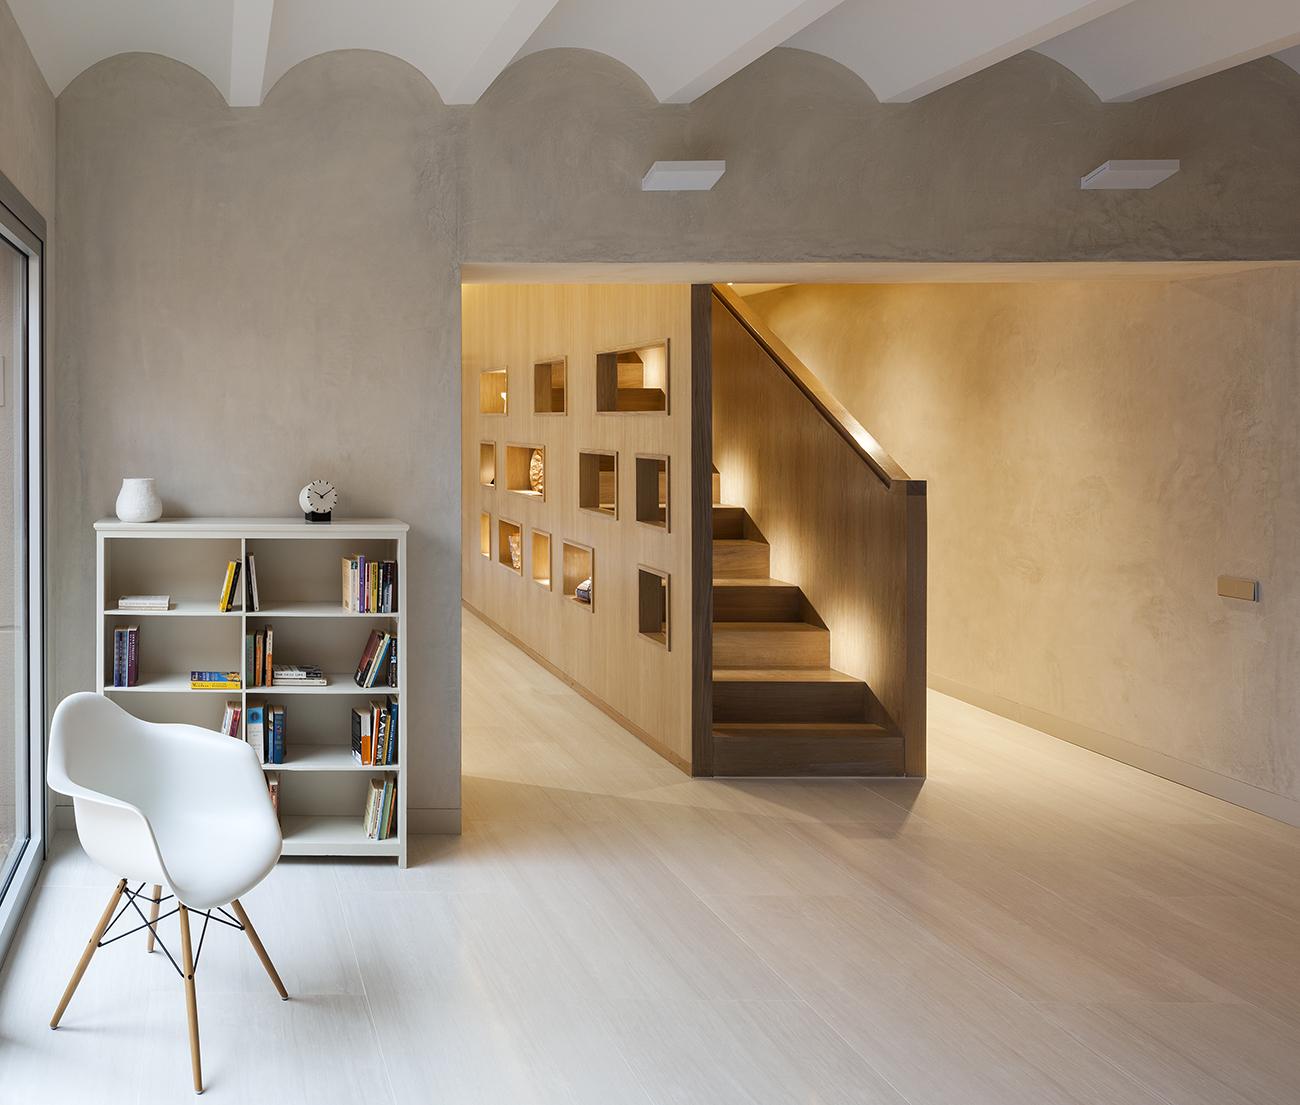 Duplex in Garcia by Zest Architecture